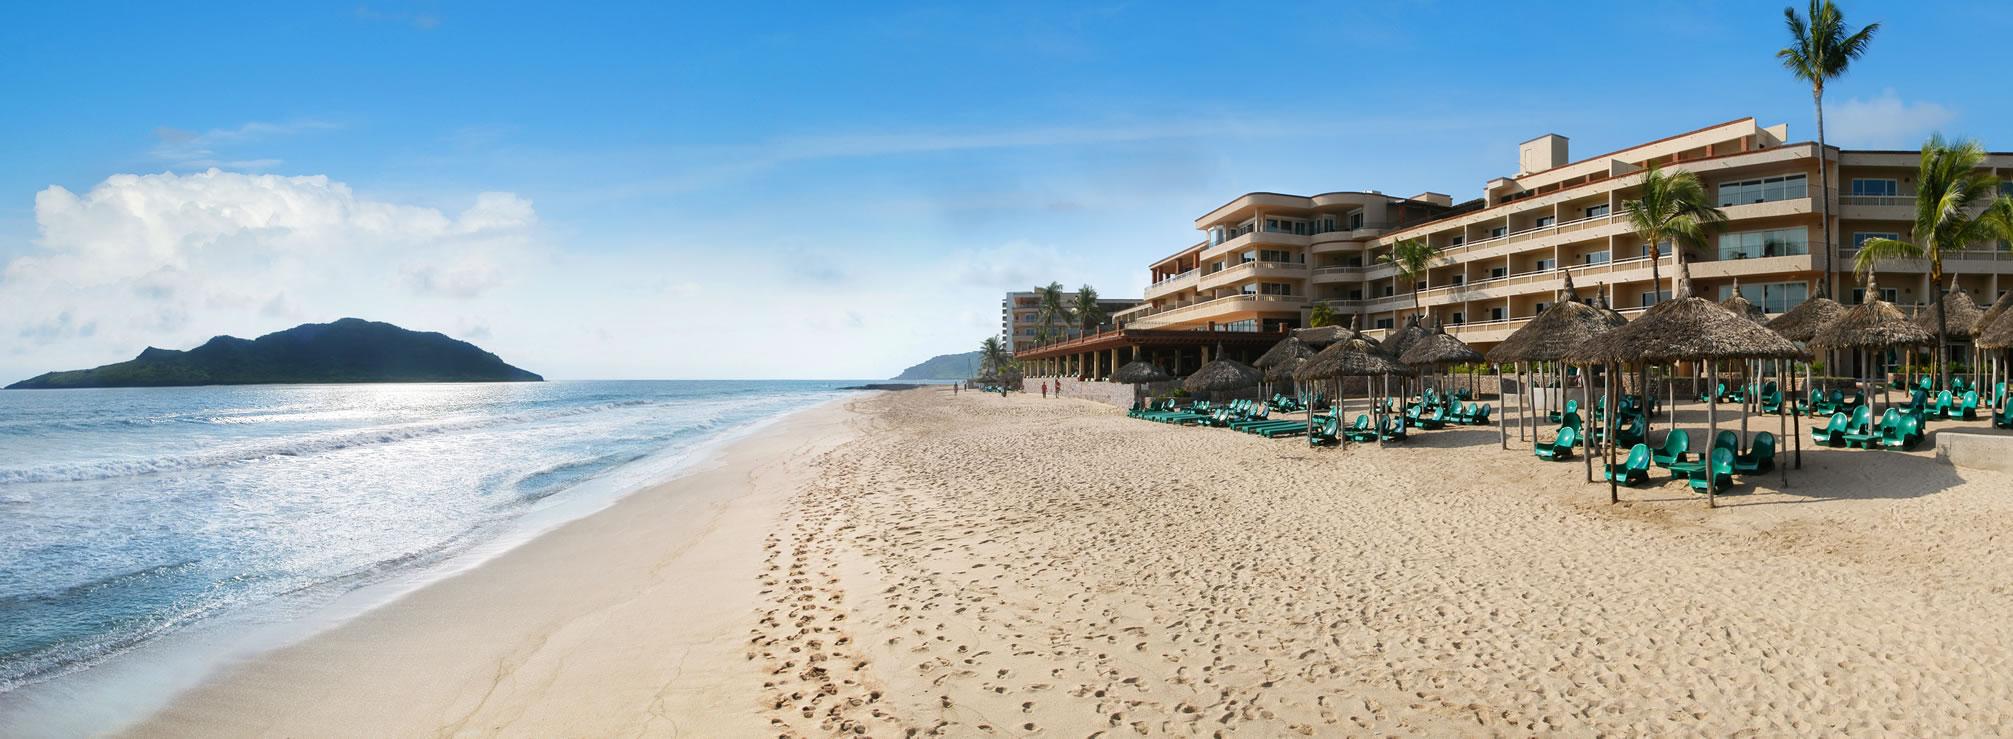 Playa Mazatlan Beach